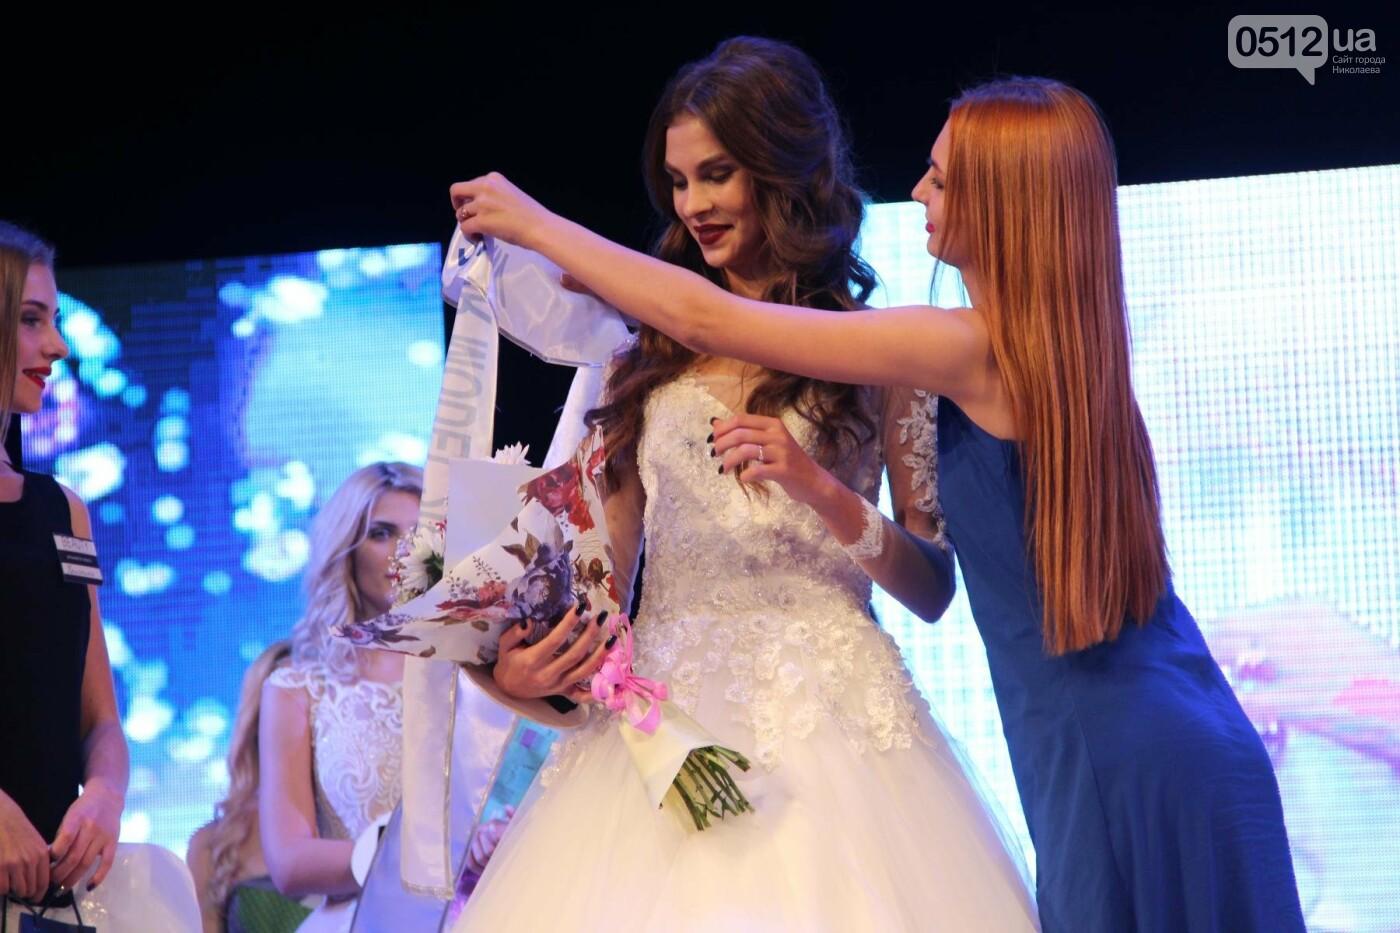 В Николаеве на конкурсе «Miss Top model Ukraine» выбрали самую красивую модель в Украине, - ФОТО, фото-10